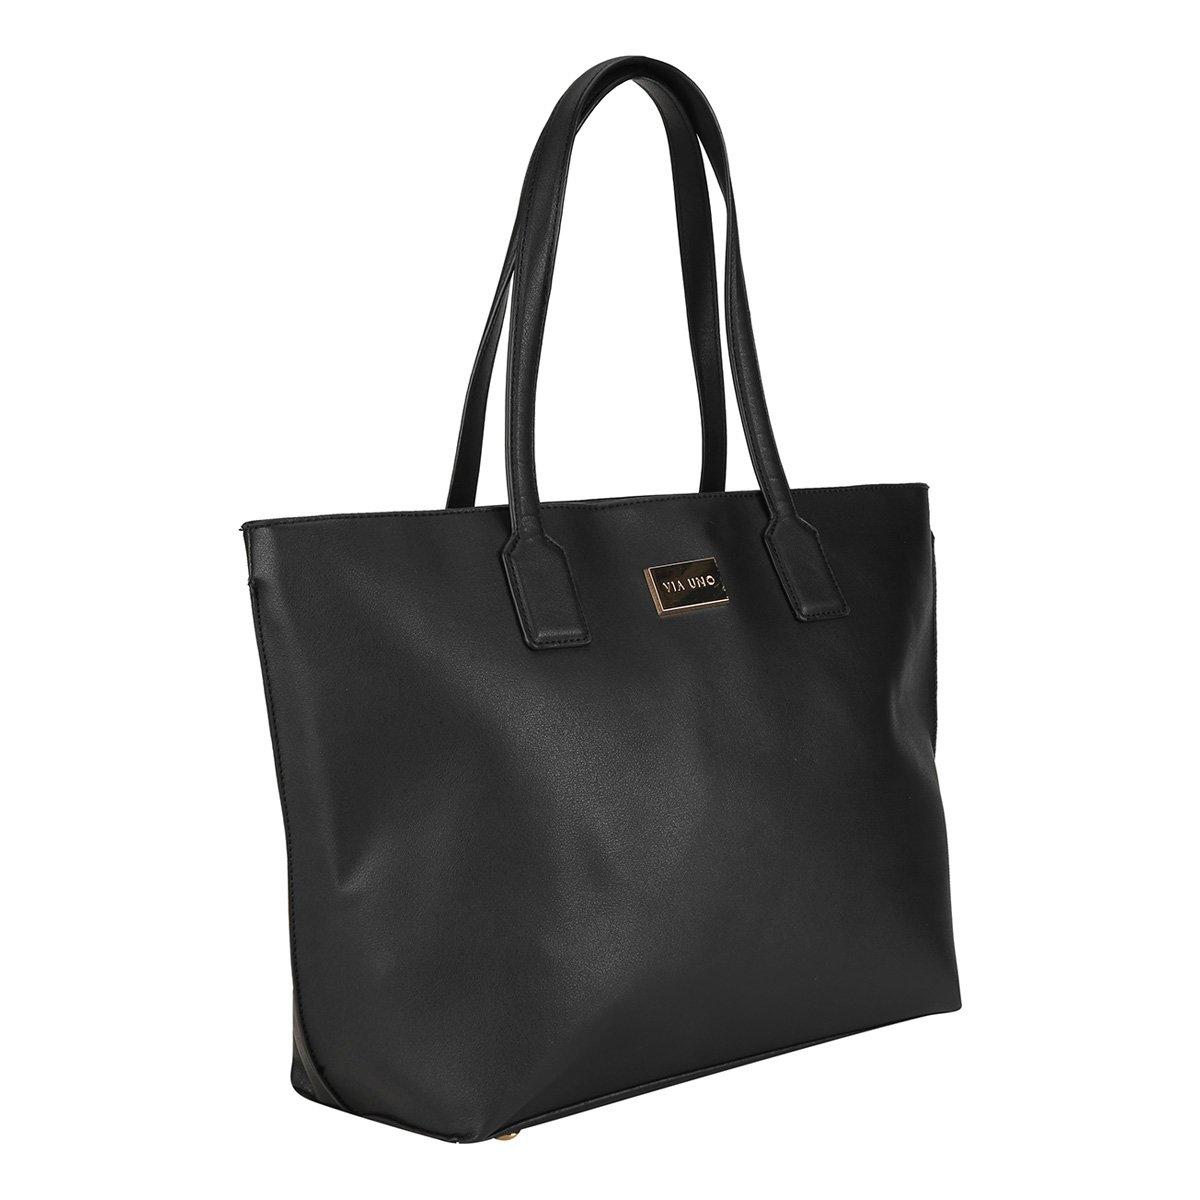 d9f8cc359 Bolsa Via Uno Shopper Básica com Logo Feminina - Compre Agora | Zattini